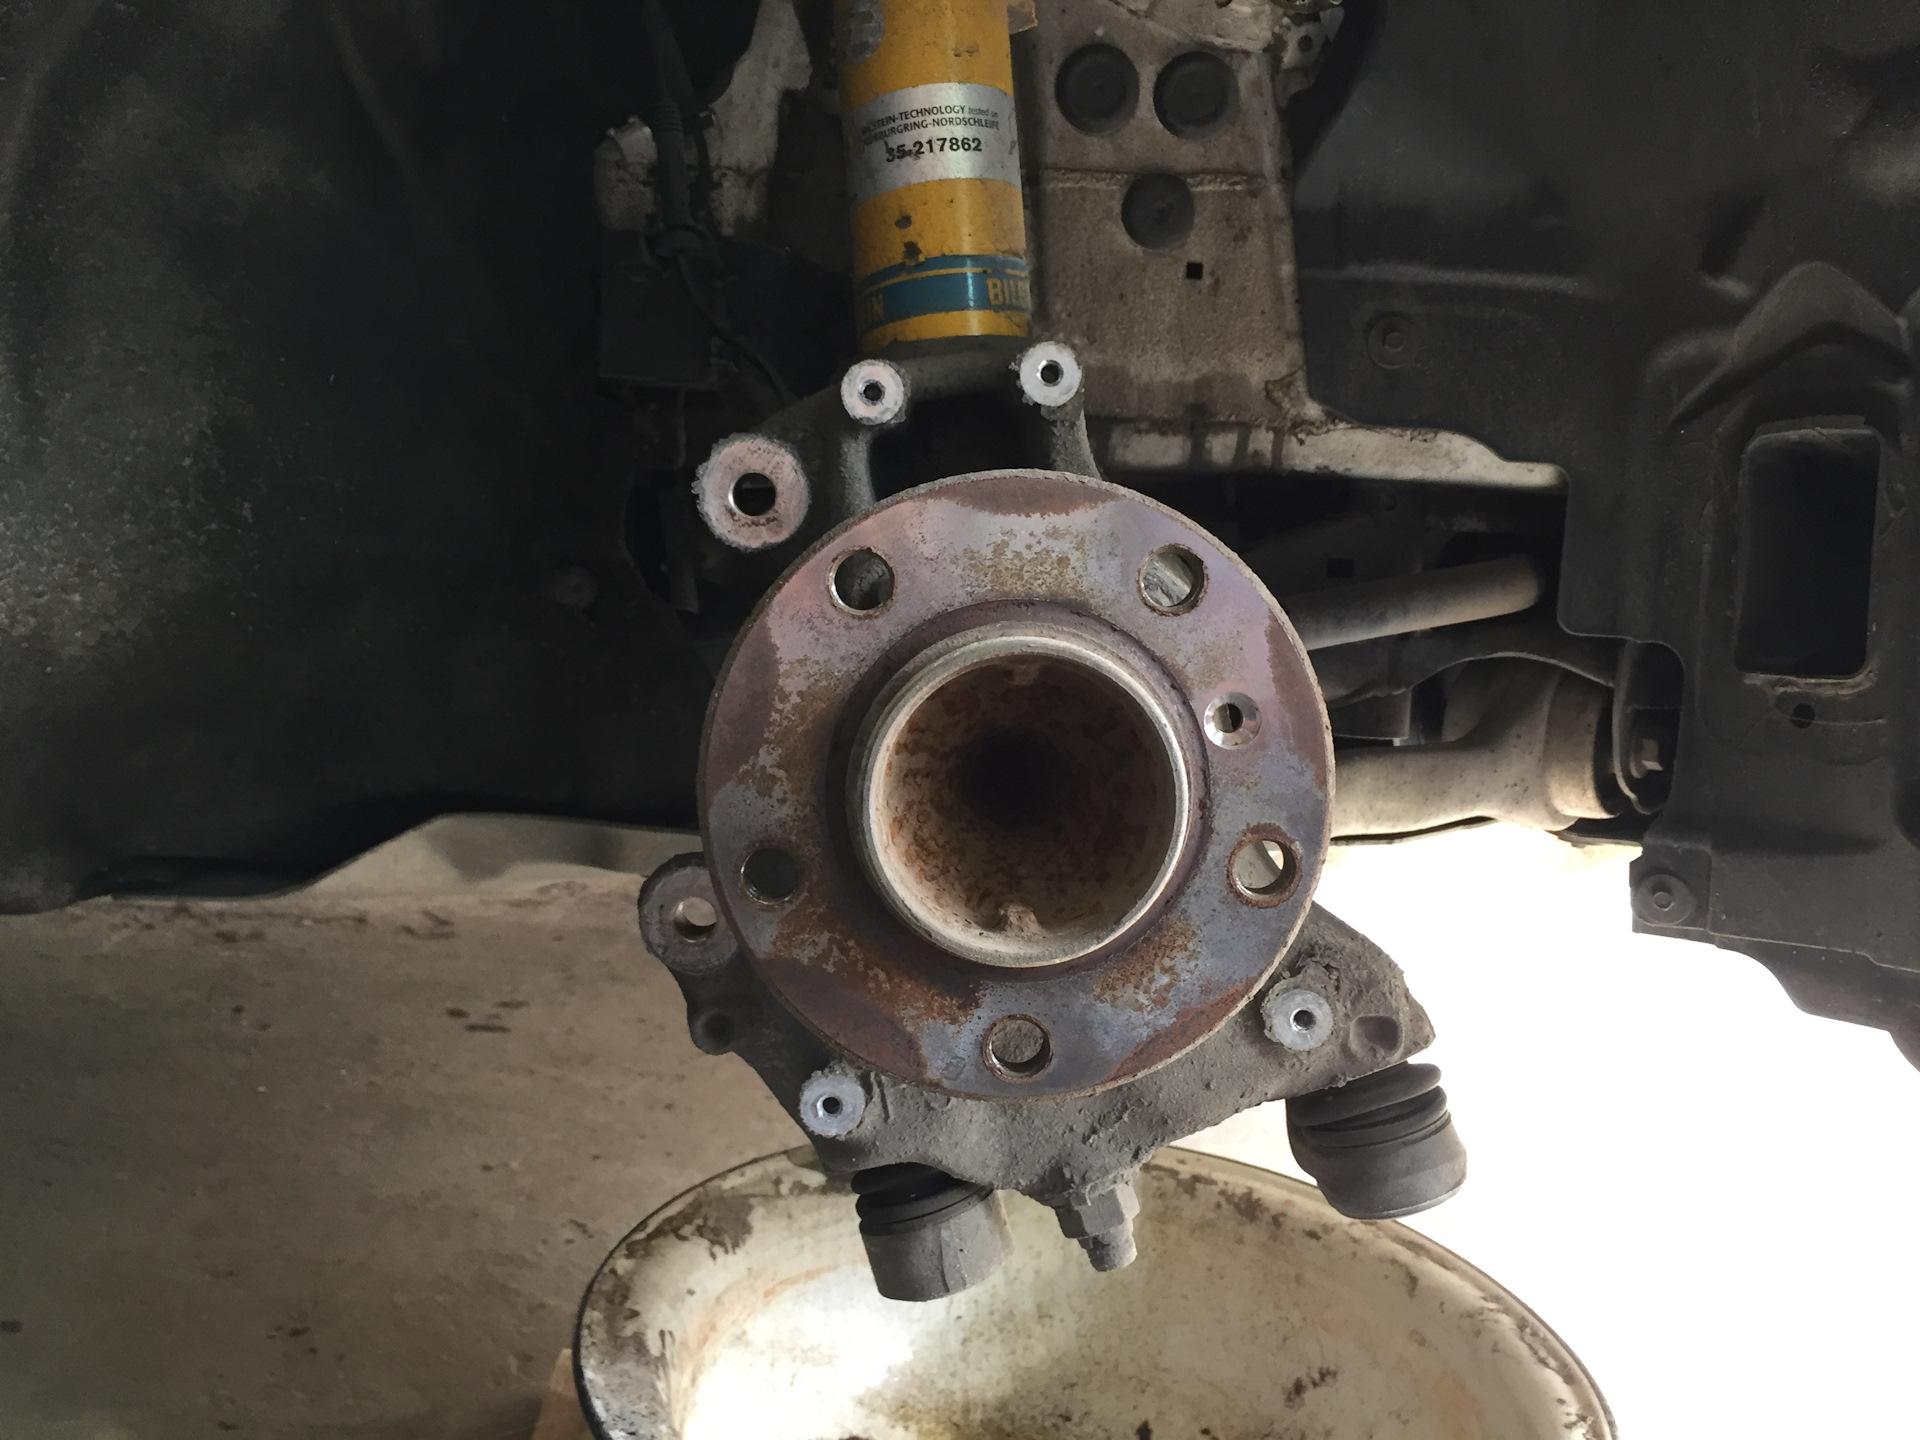 Замена тормозного шланга с прокачкой f30 Замена сальника выбора передач e39